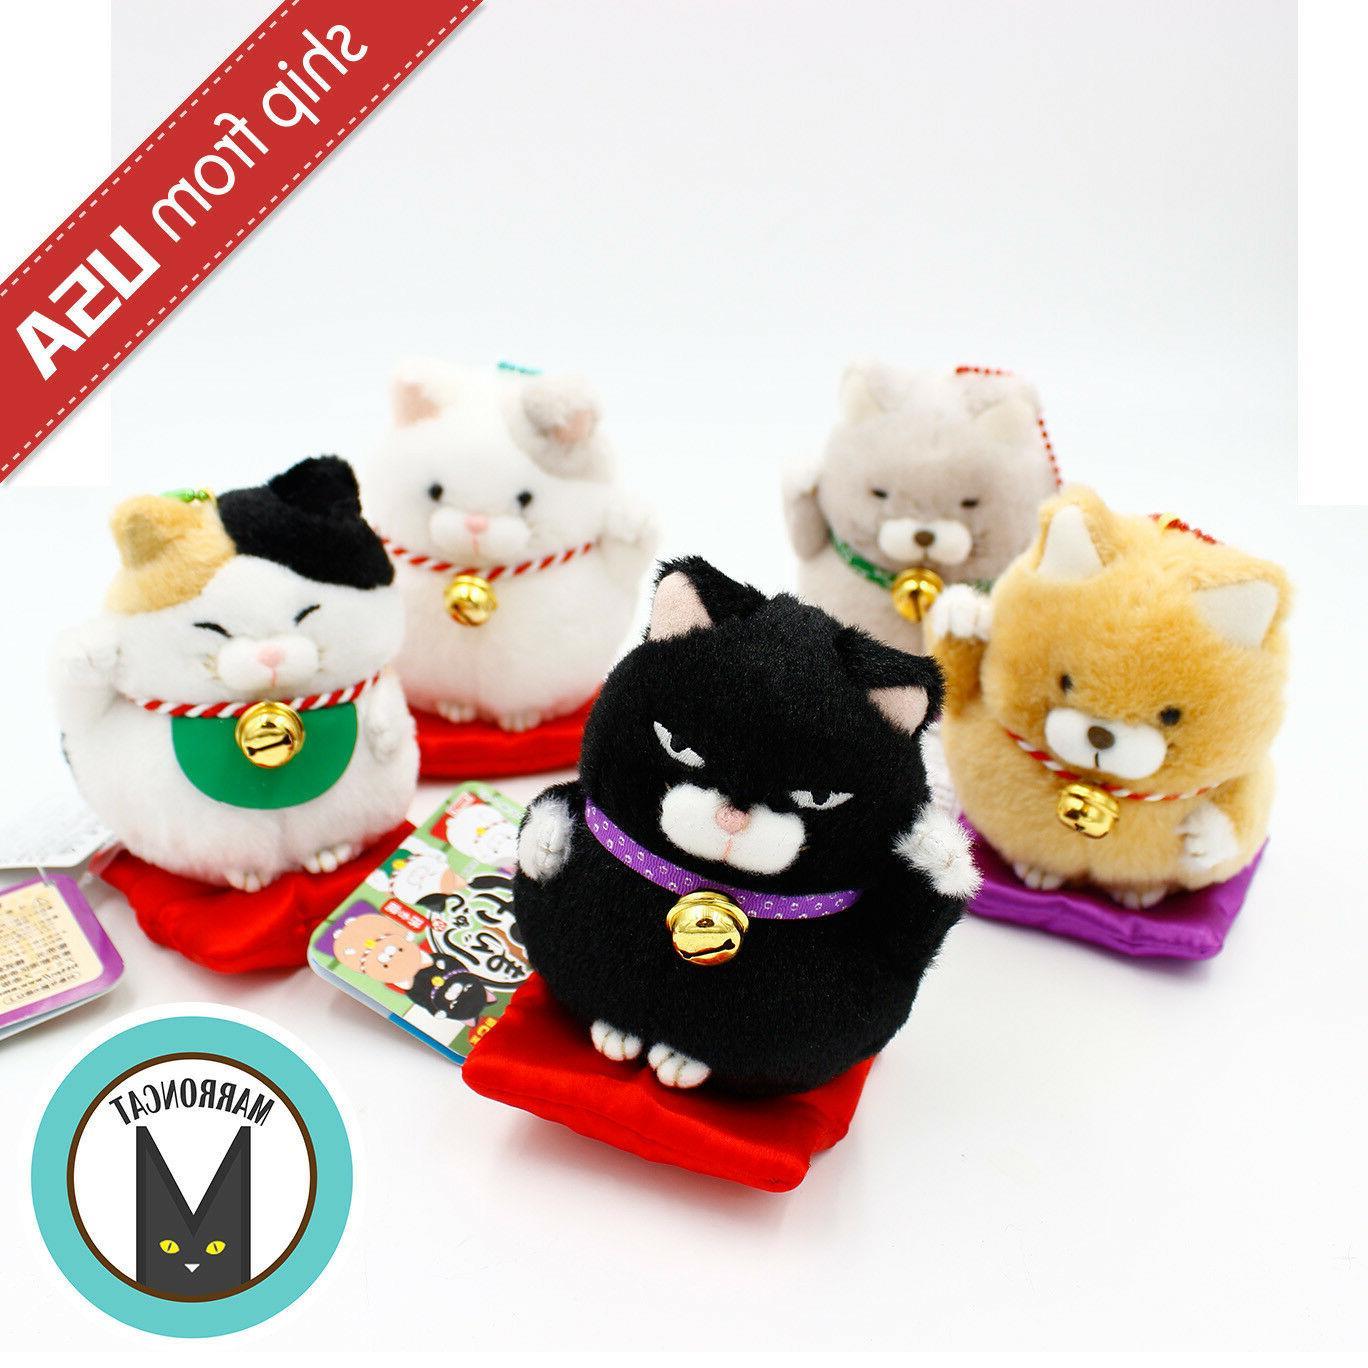 Amuse Hige Manjyu Maneki Neko Lucky Cat Plush Doll Ball Chai